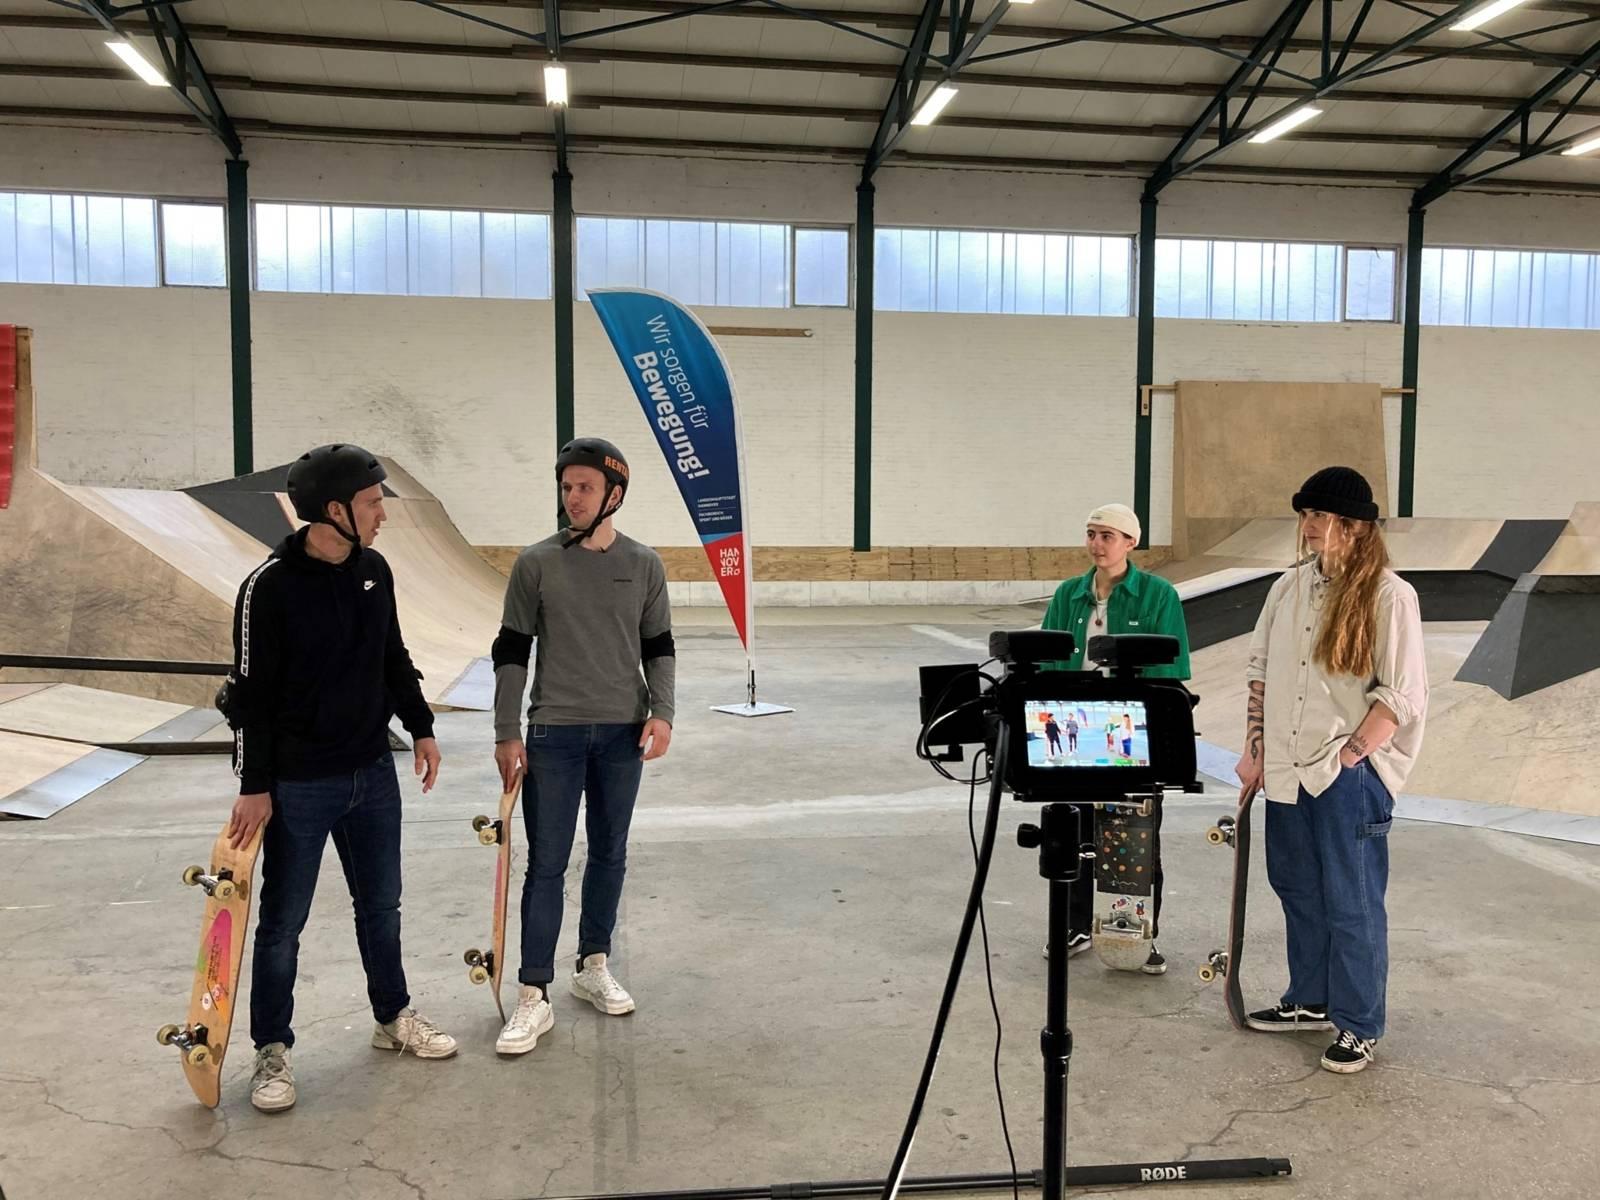 Vier Personen mit Skateboards in einer Skatehalle. Sie stehen vor einer Kamera.